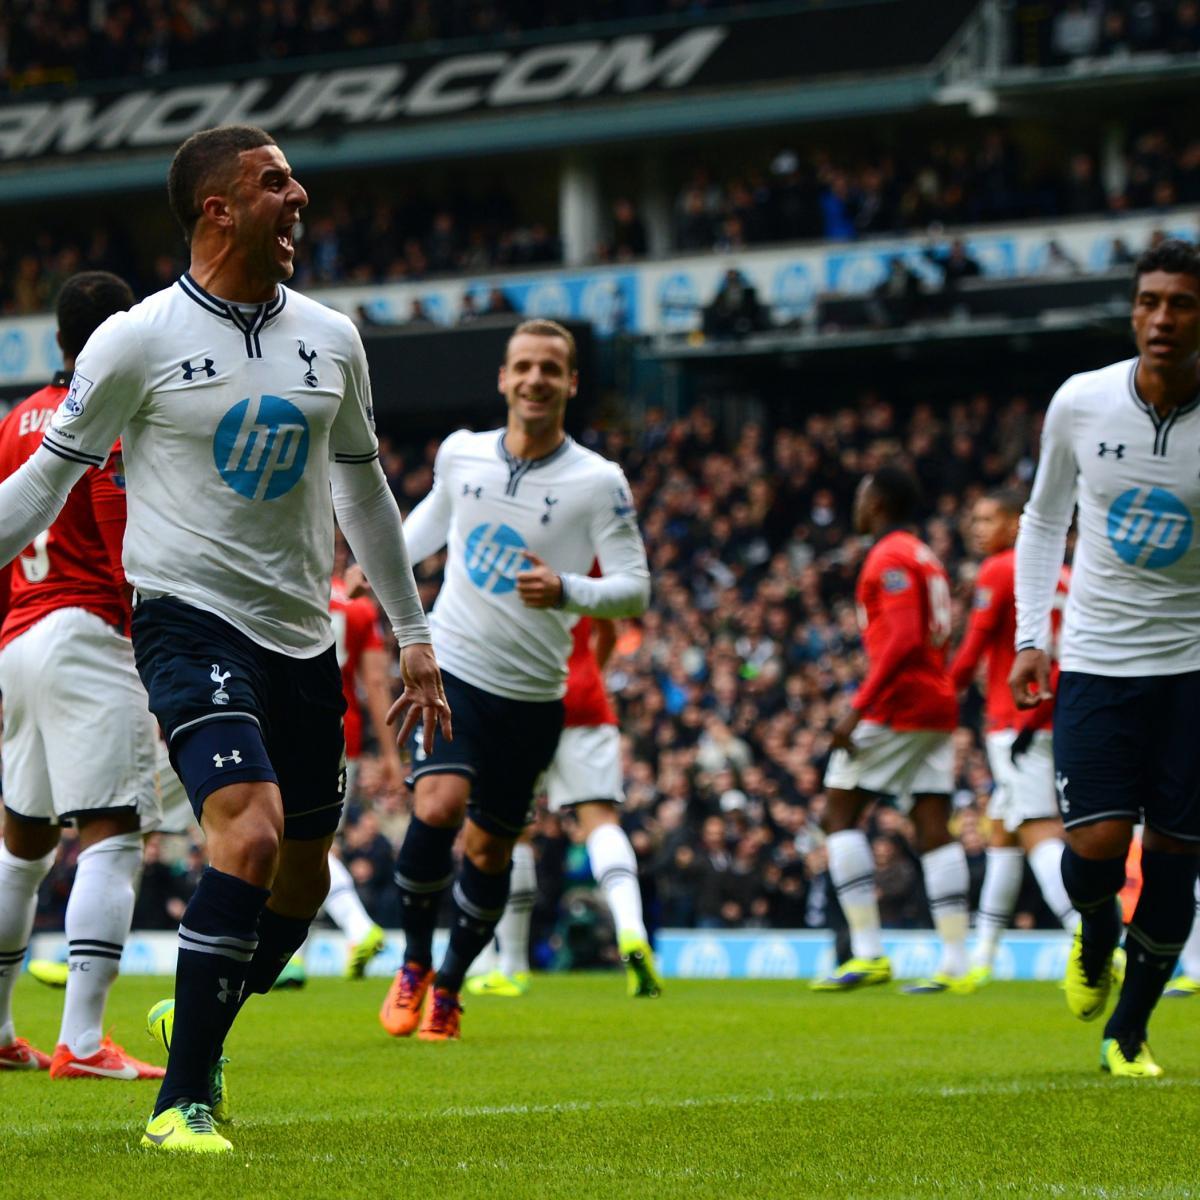 Tottenham Hotspur Vs Man United Tickets: Tottenham Hotspur Vs. Manchester United: 6 Things We